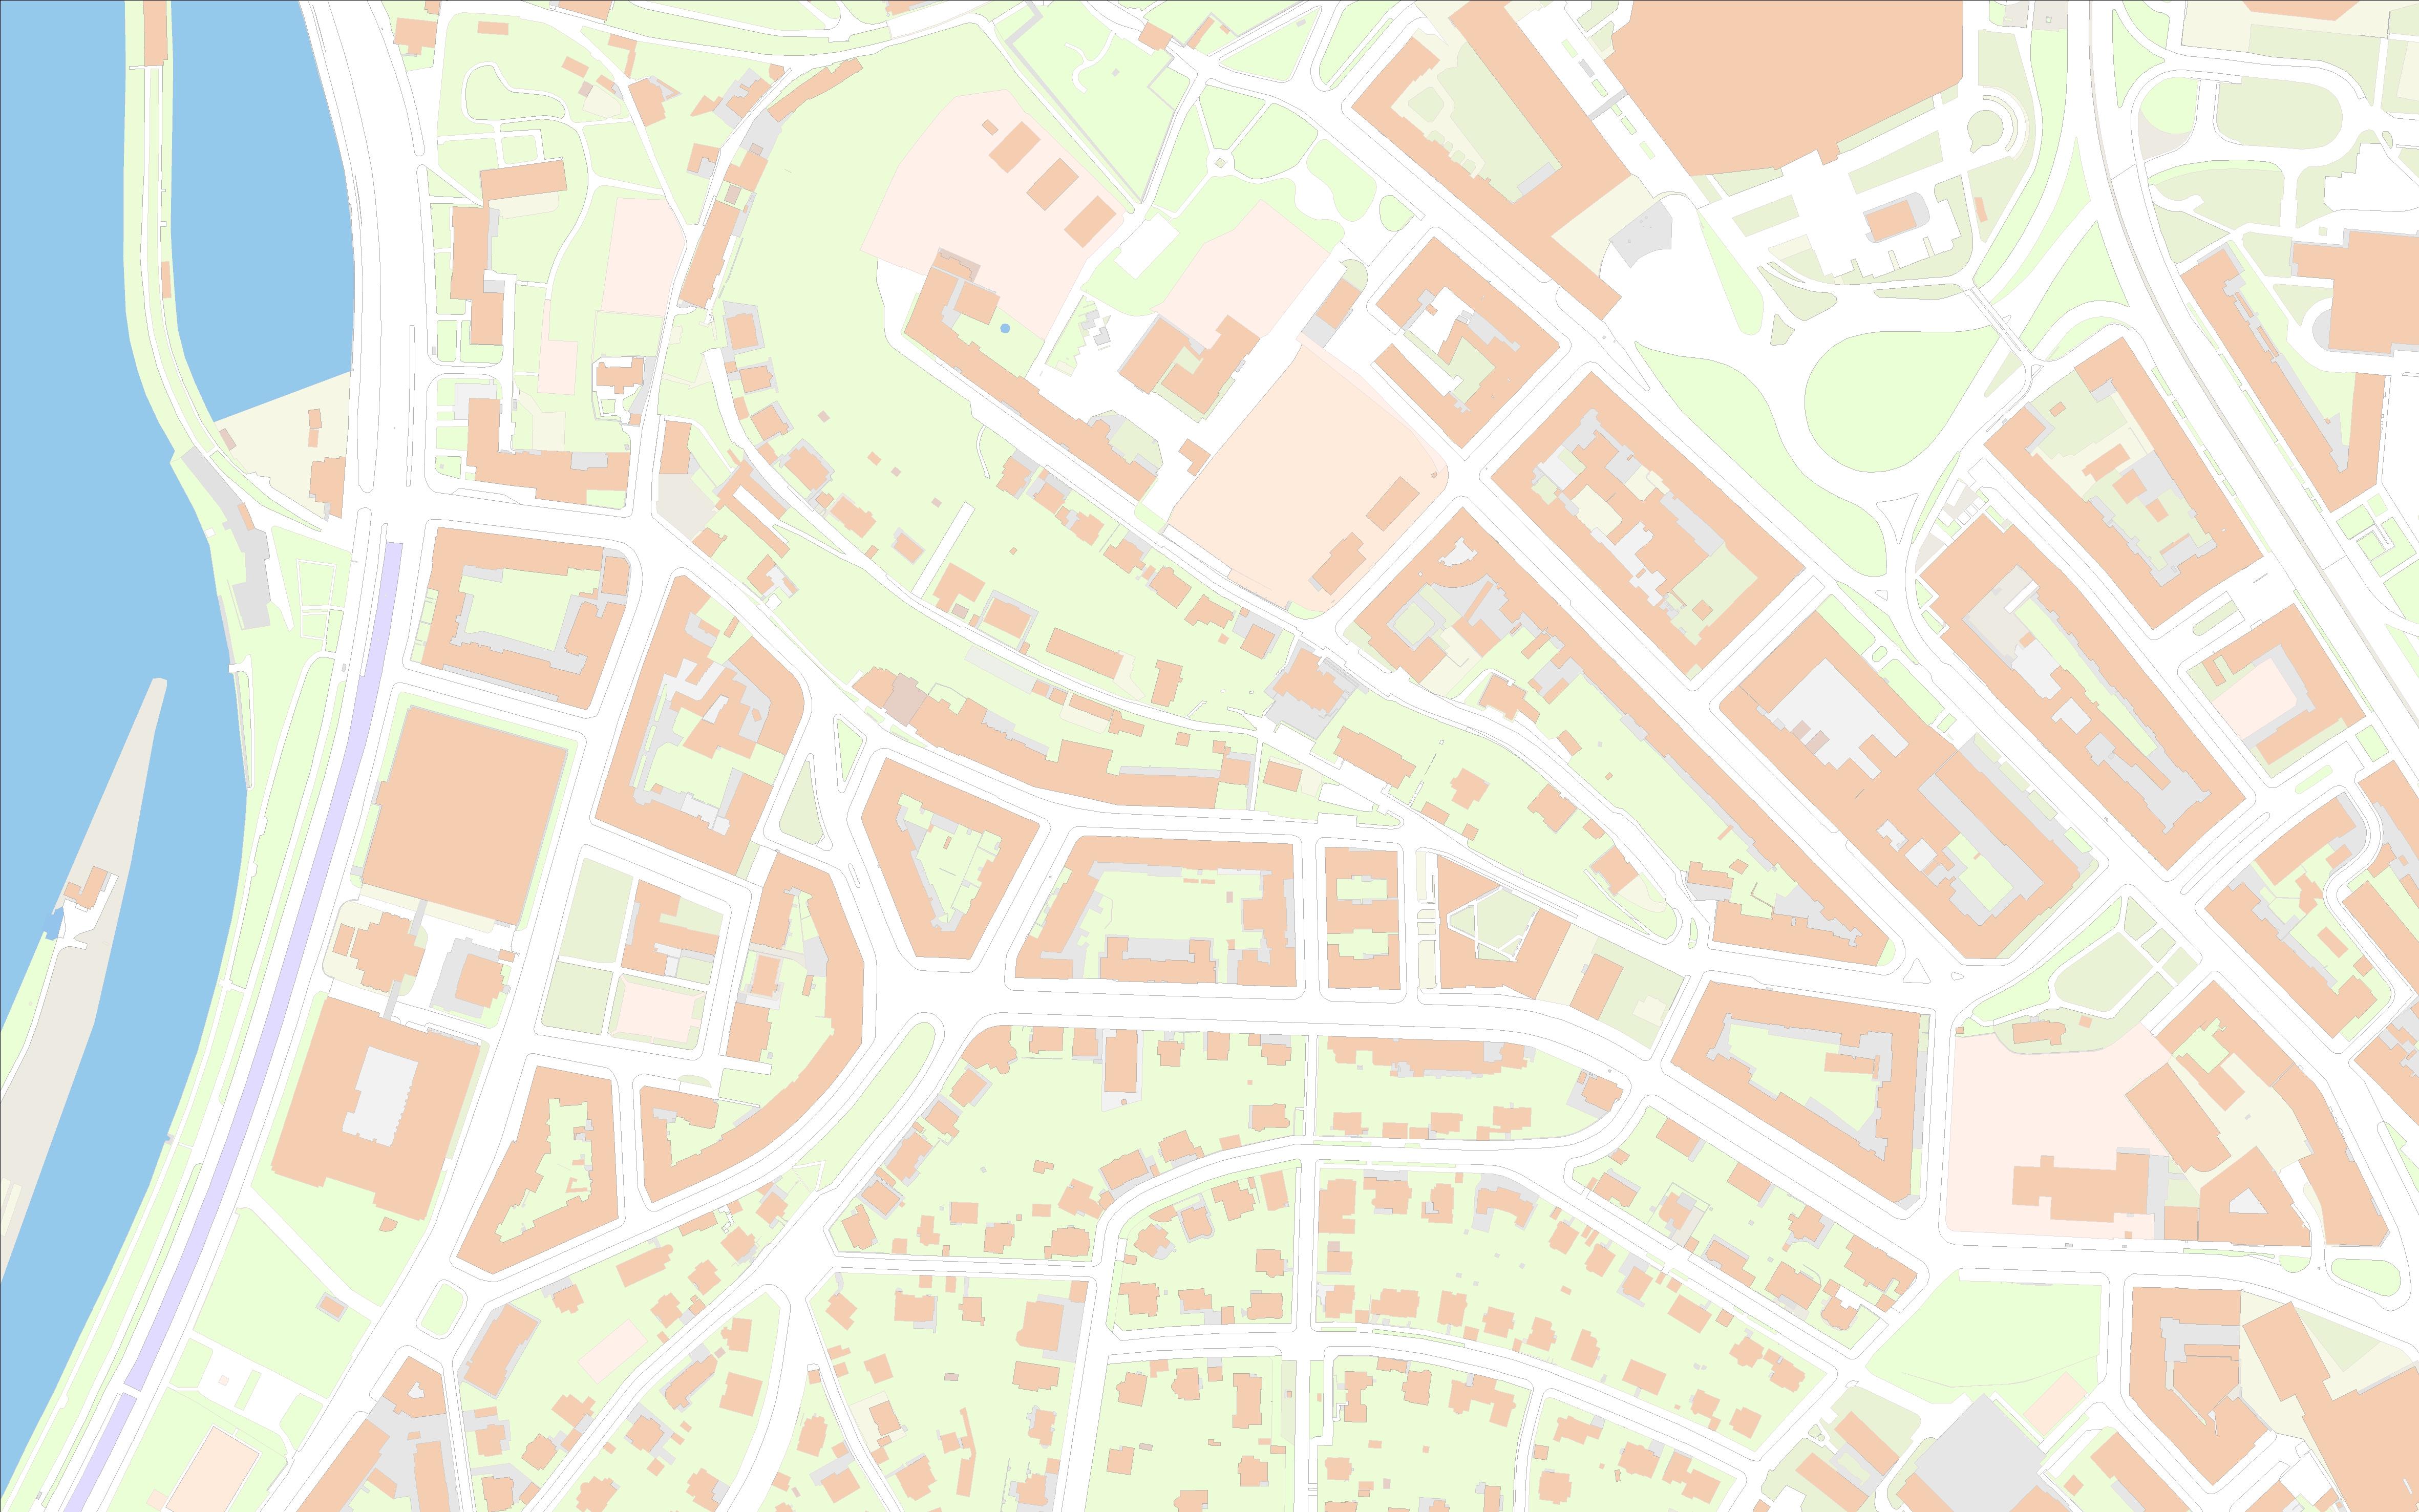 Datove Sady Geoportal Hl M Prahy